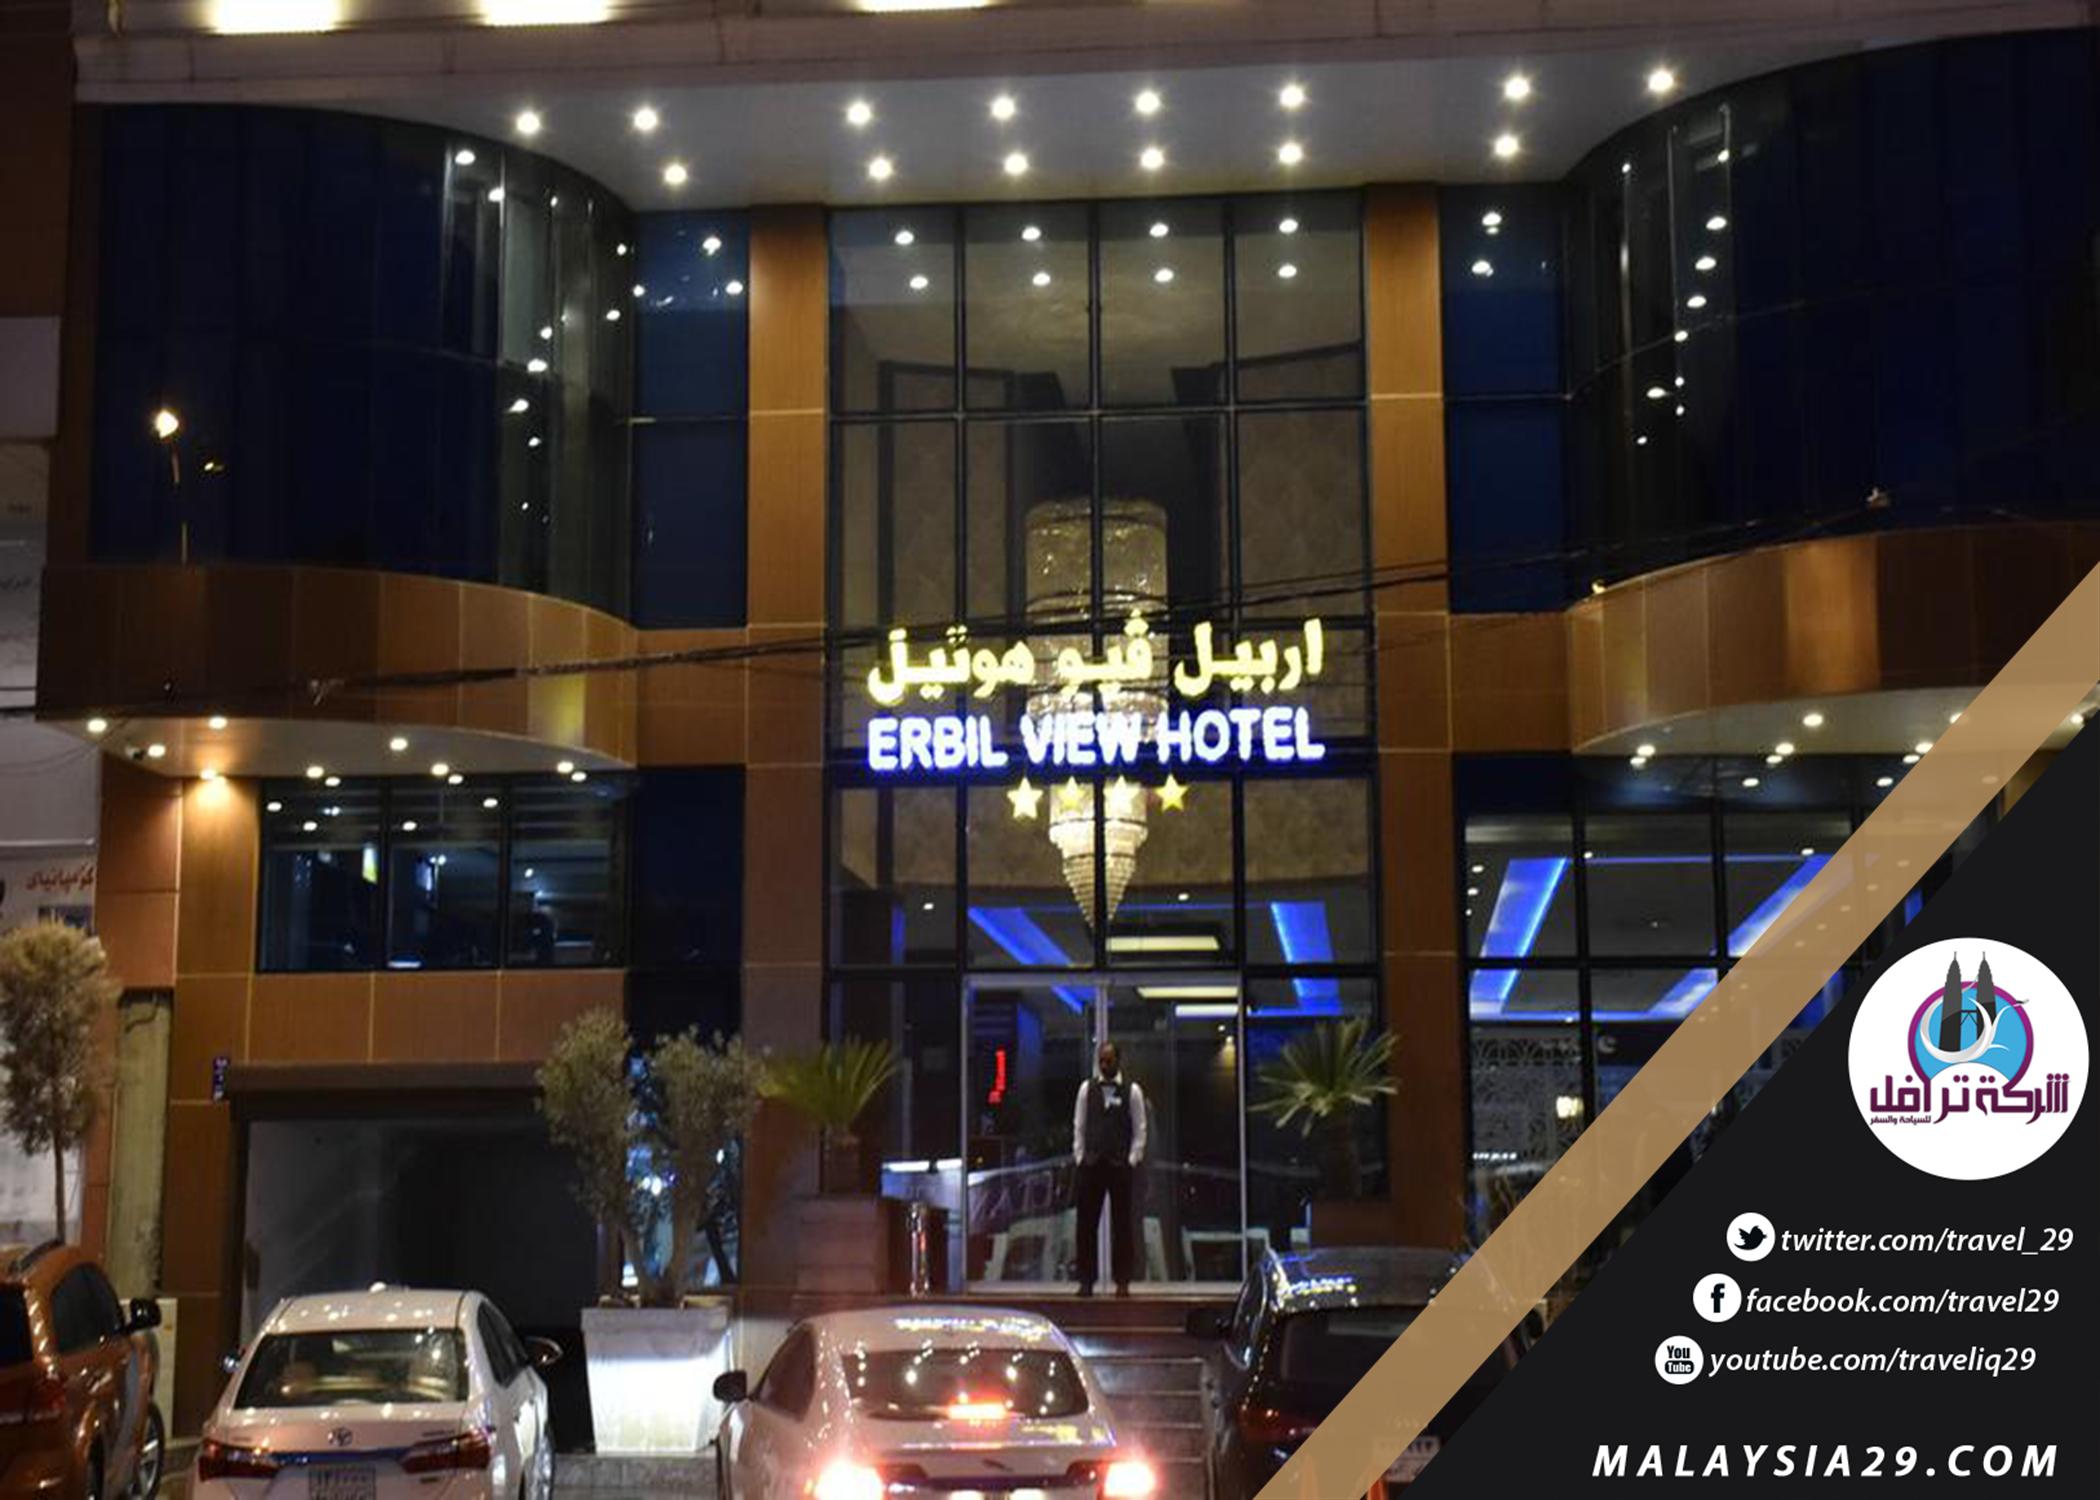 فندق اربيل فيو العراق